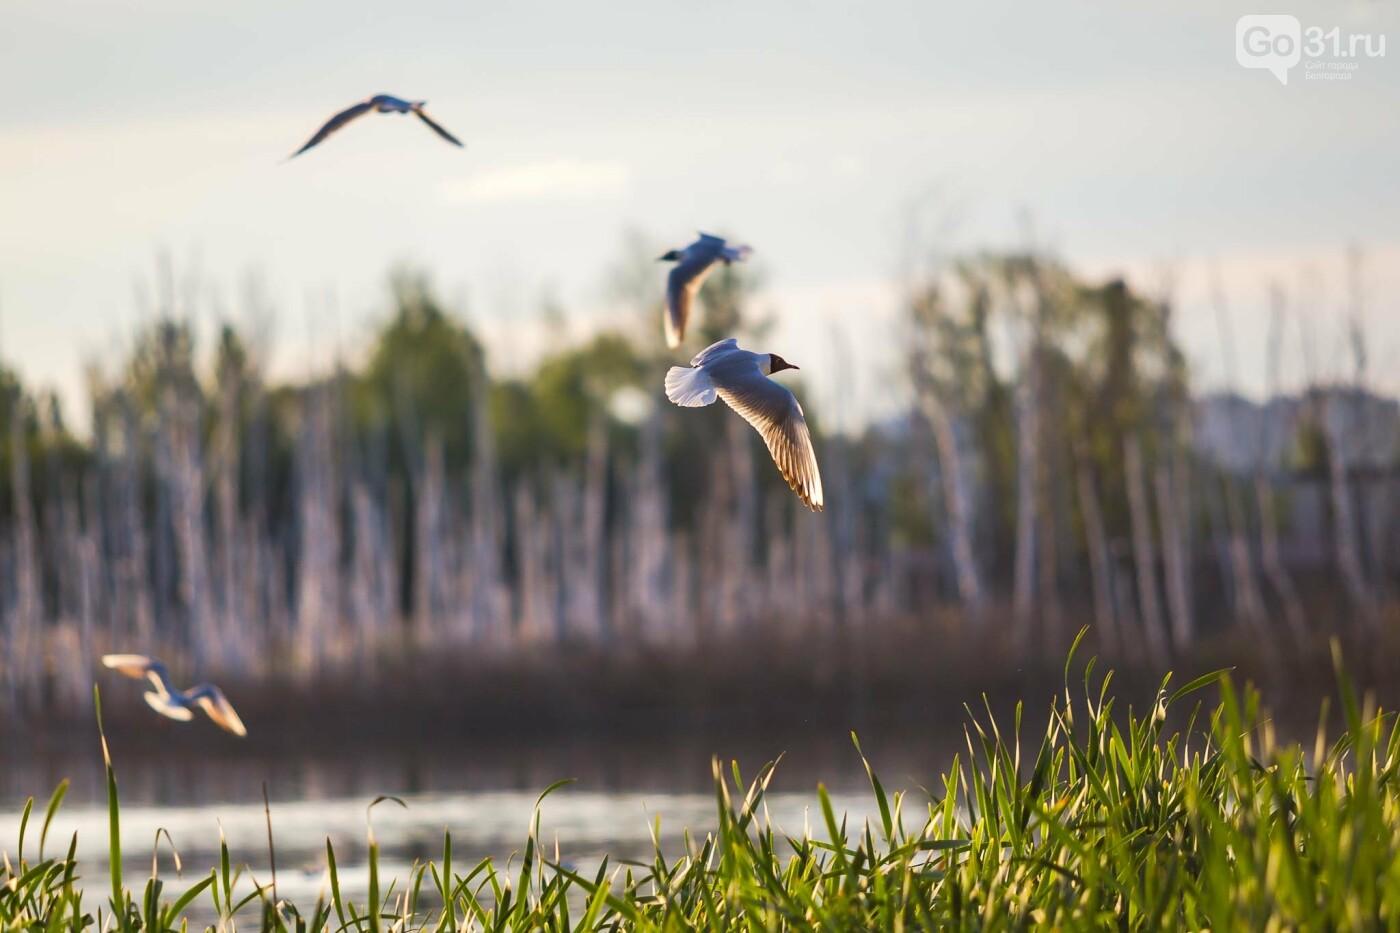 Пролетая над озером. В Белгороде чайки выбрали удобное место обитания, фото-9, Фото: Антон Вергун